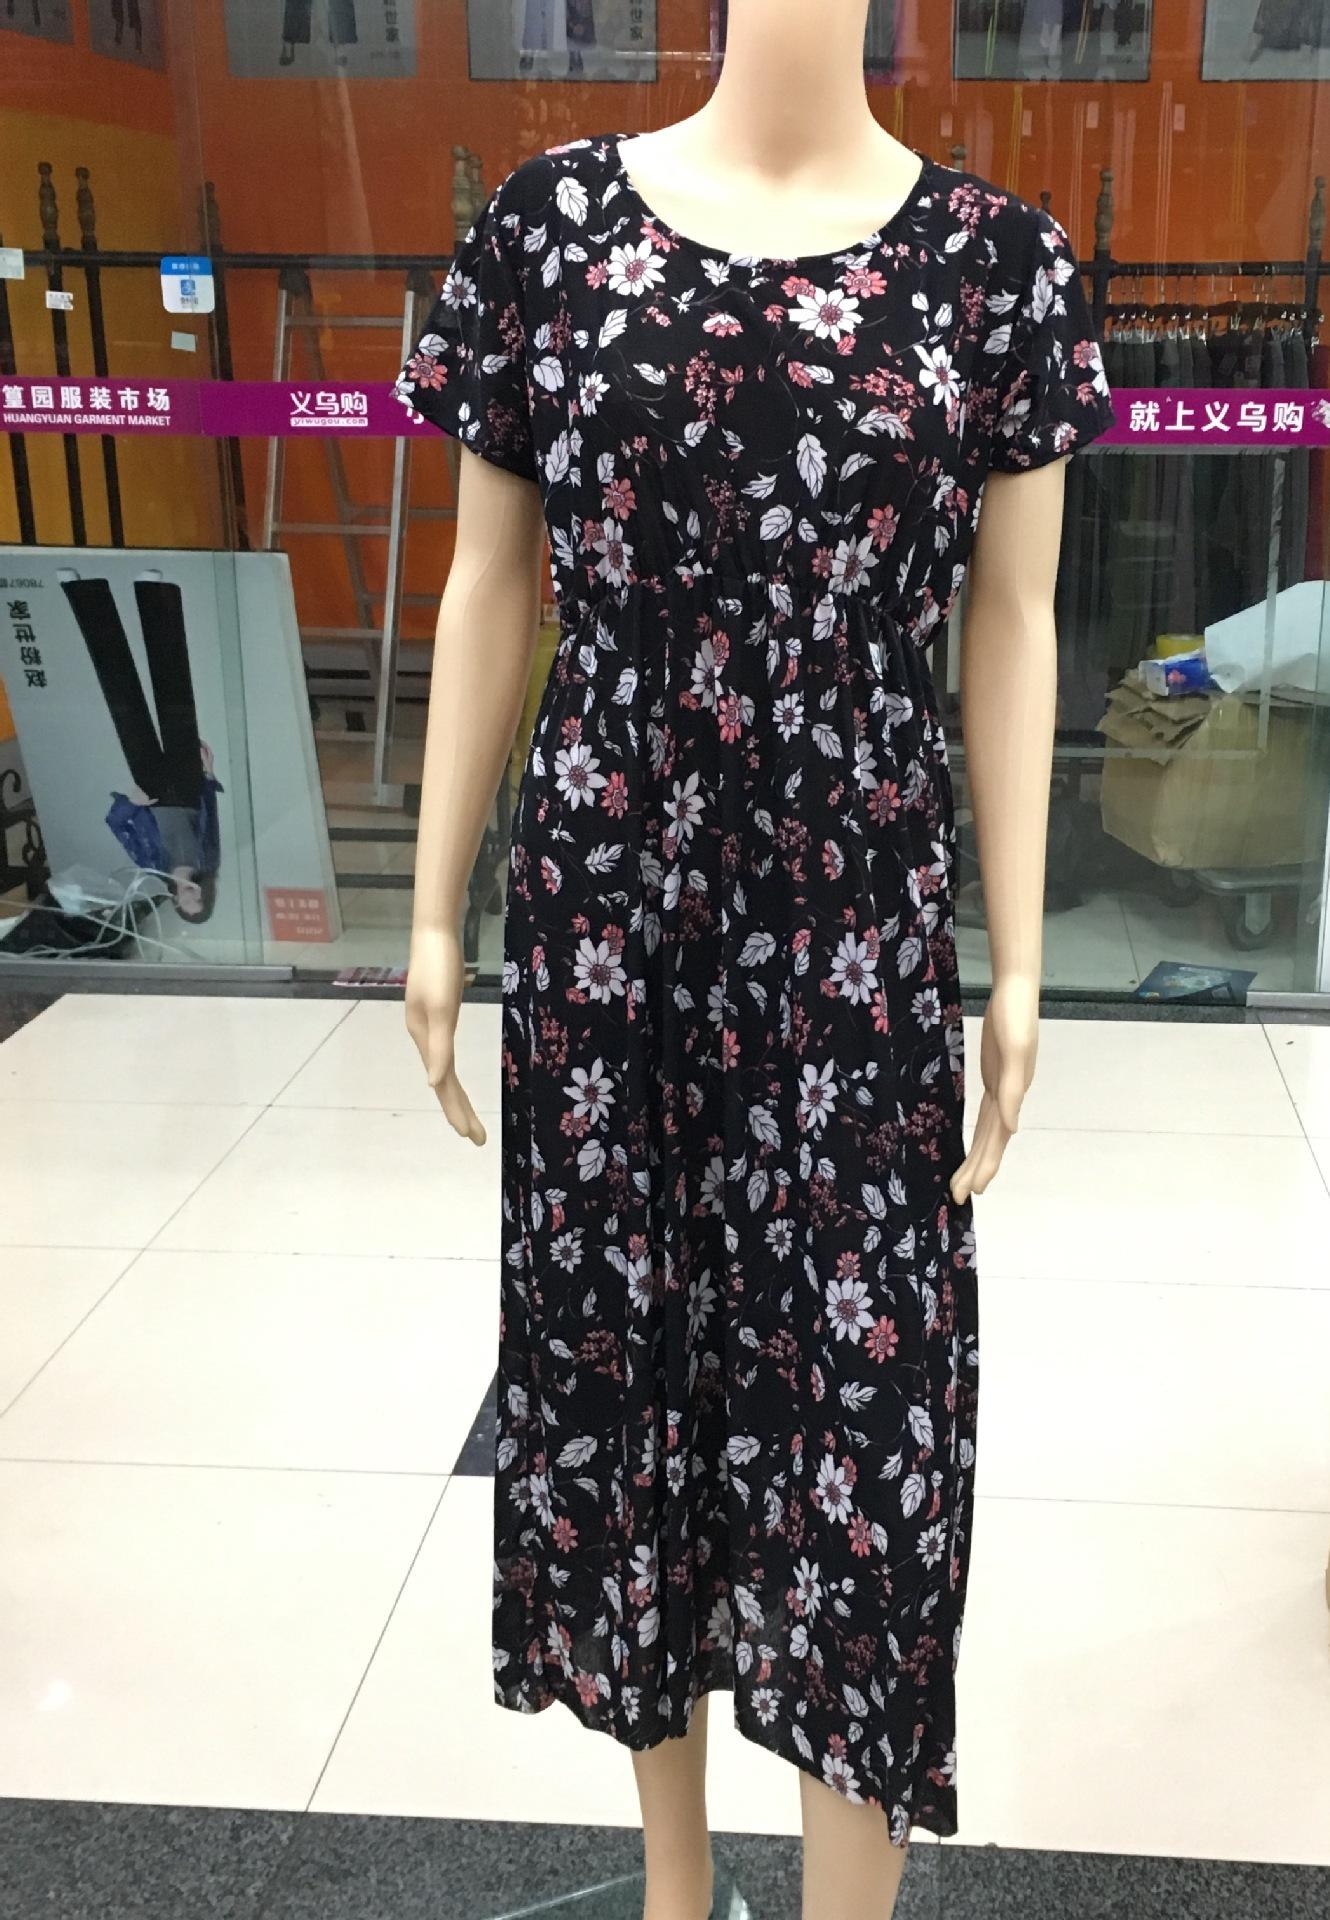 厂家直销短袖连衣裙竹节麻印花舒适透气?#36136;?#22343;可简单大方韩版长裙